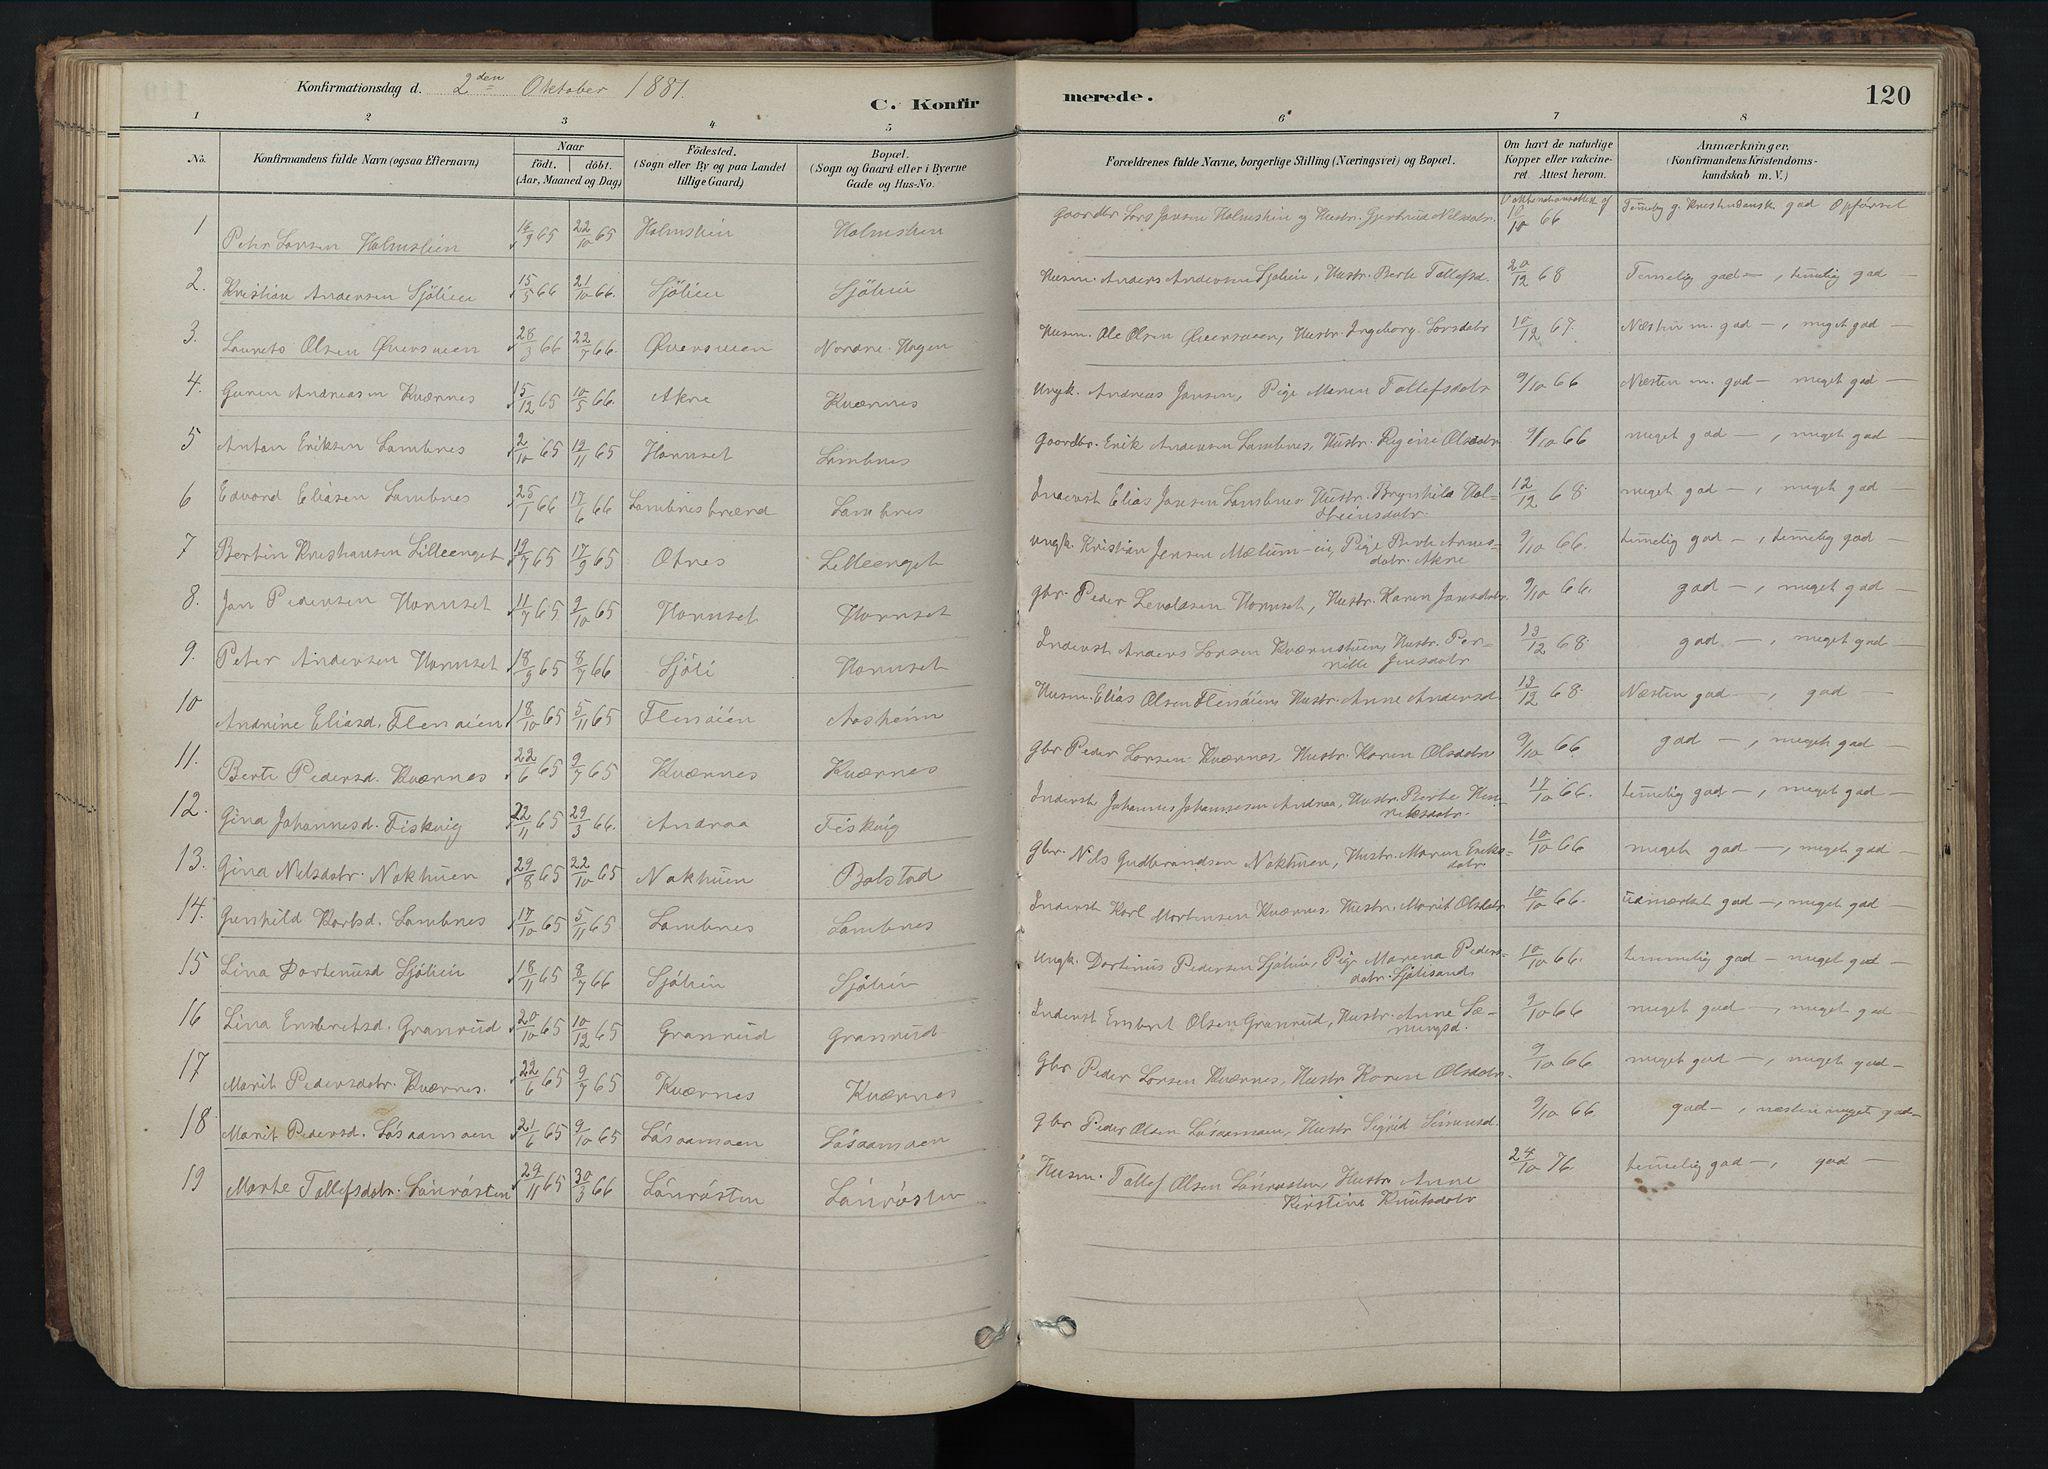 SAH, Rendalen prestekontor, H/Ha/Hab/L0009: Klokkerbok nr. 9, 1879-1902, s. 120